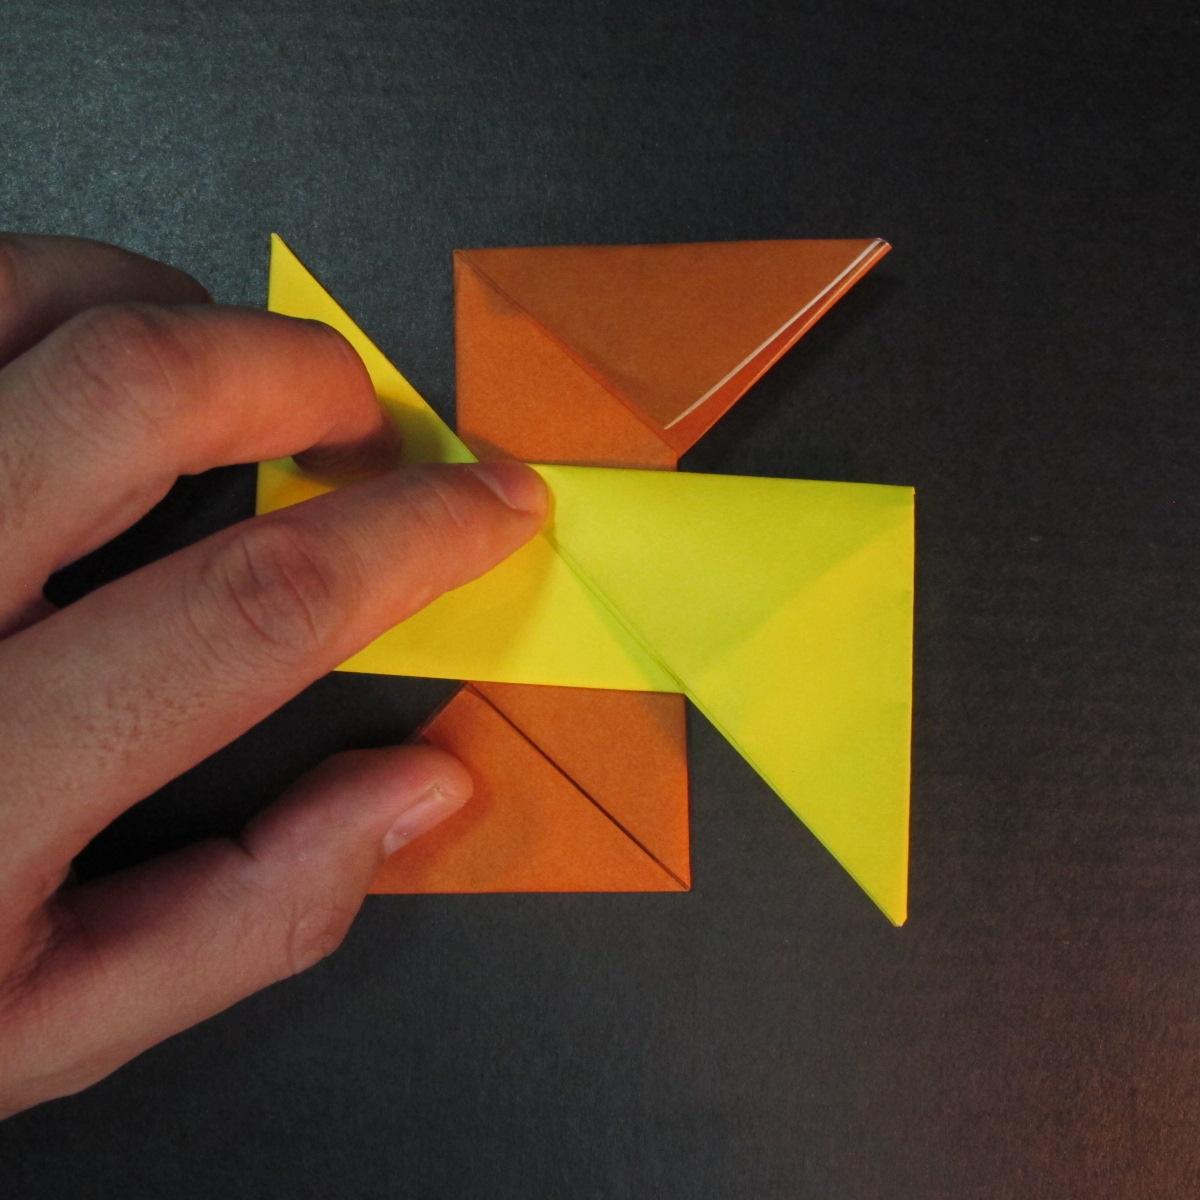 สอนวิธีพับกระดาษเป็นดาวกระจายนินจา (Shuriken Origami) - 008